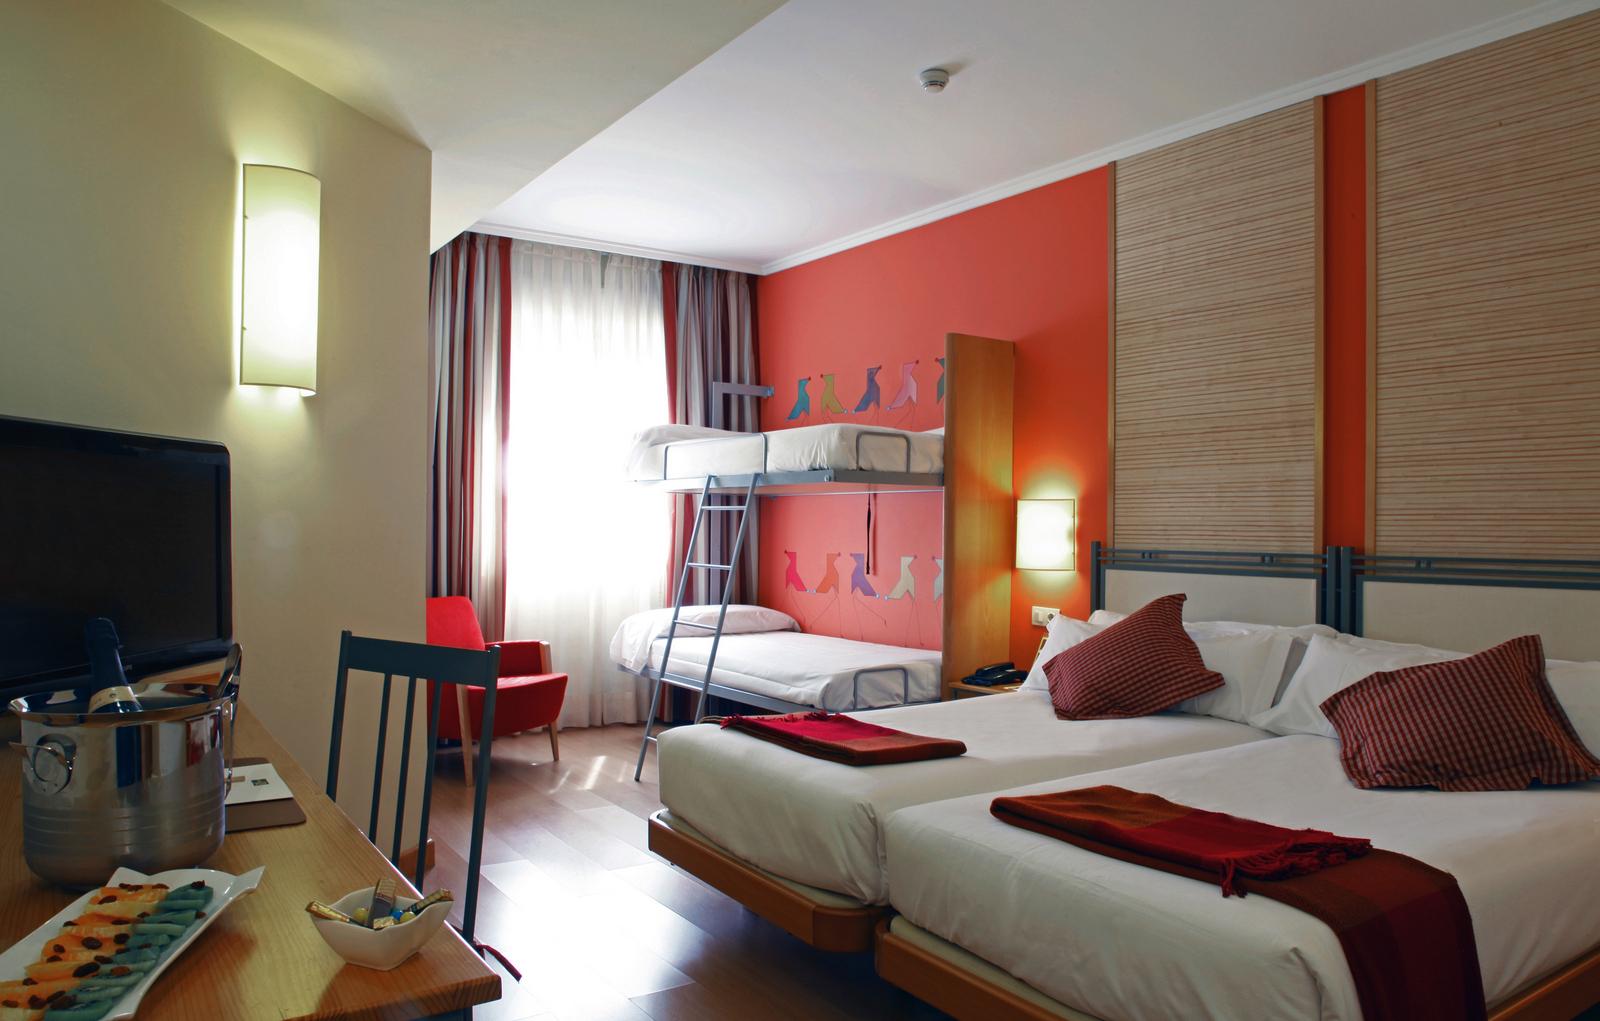 hotel t3 tirol en madrid